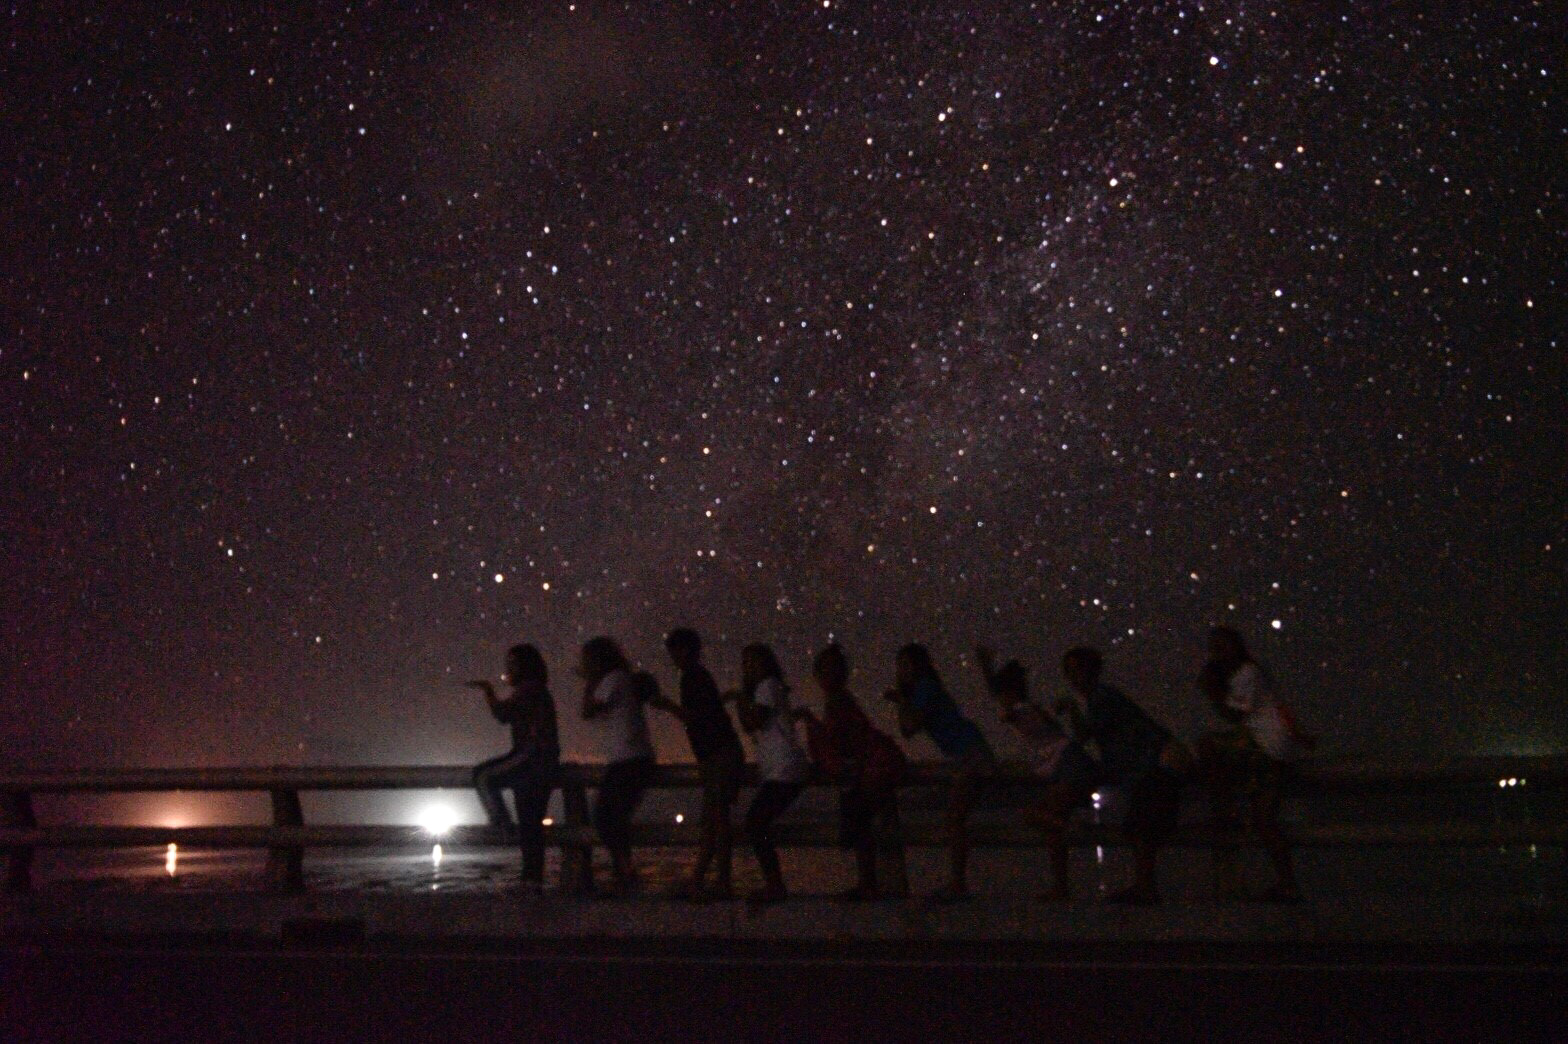 【地域共通クーポン対象】大自然のプラネタリウム石垣島星空ツアー(No.315)